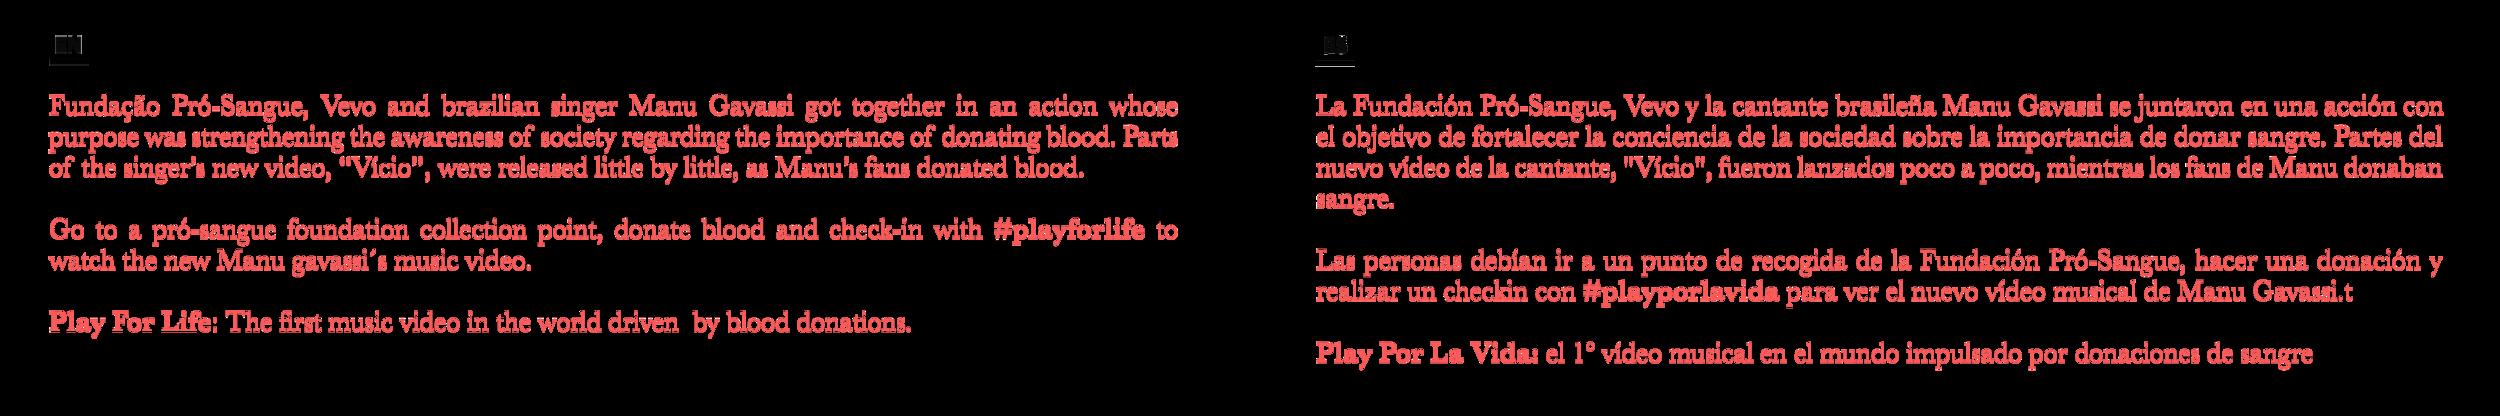 playforlife.png